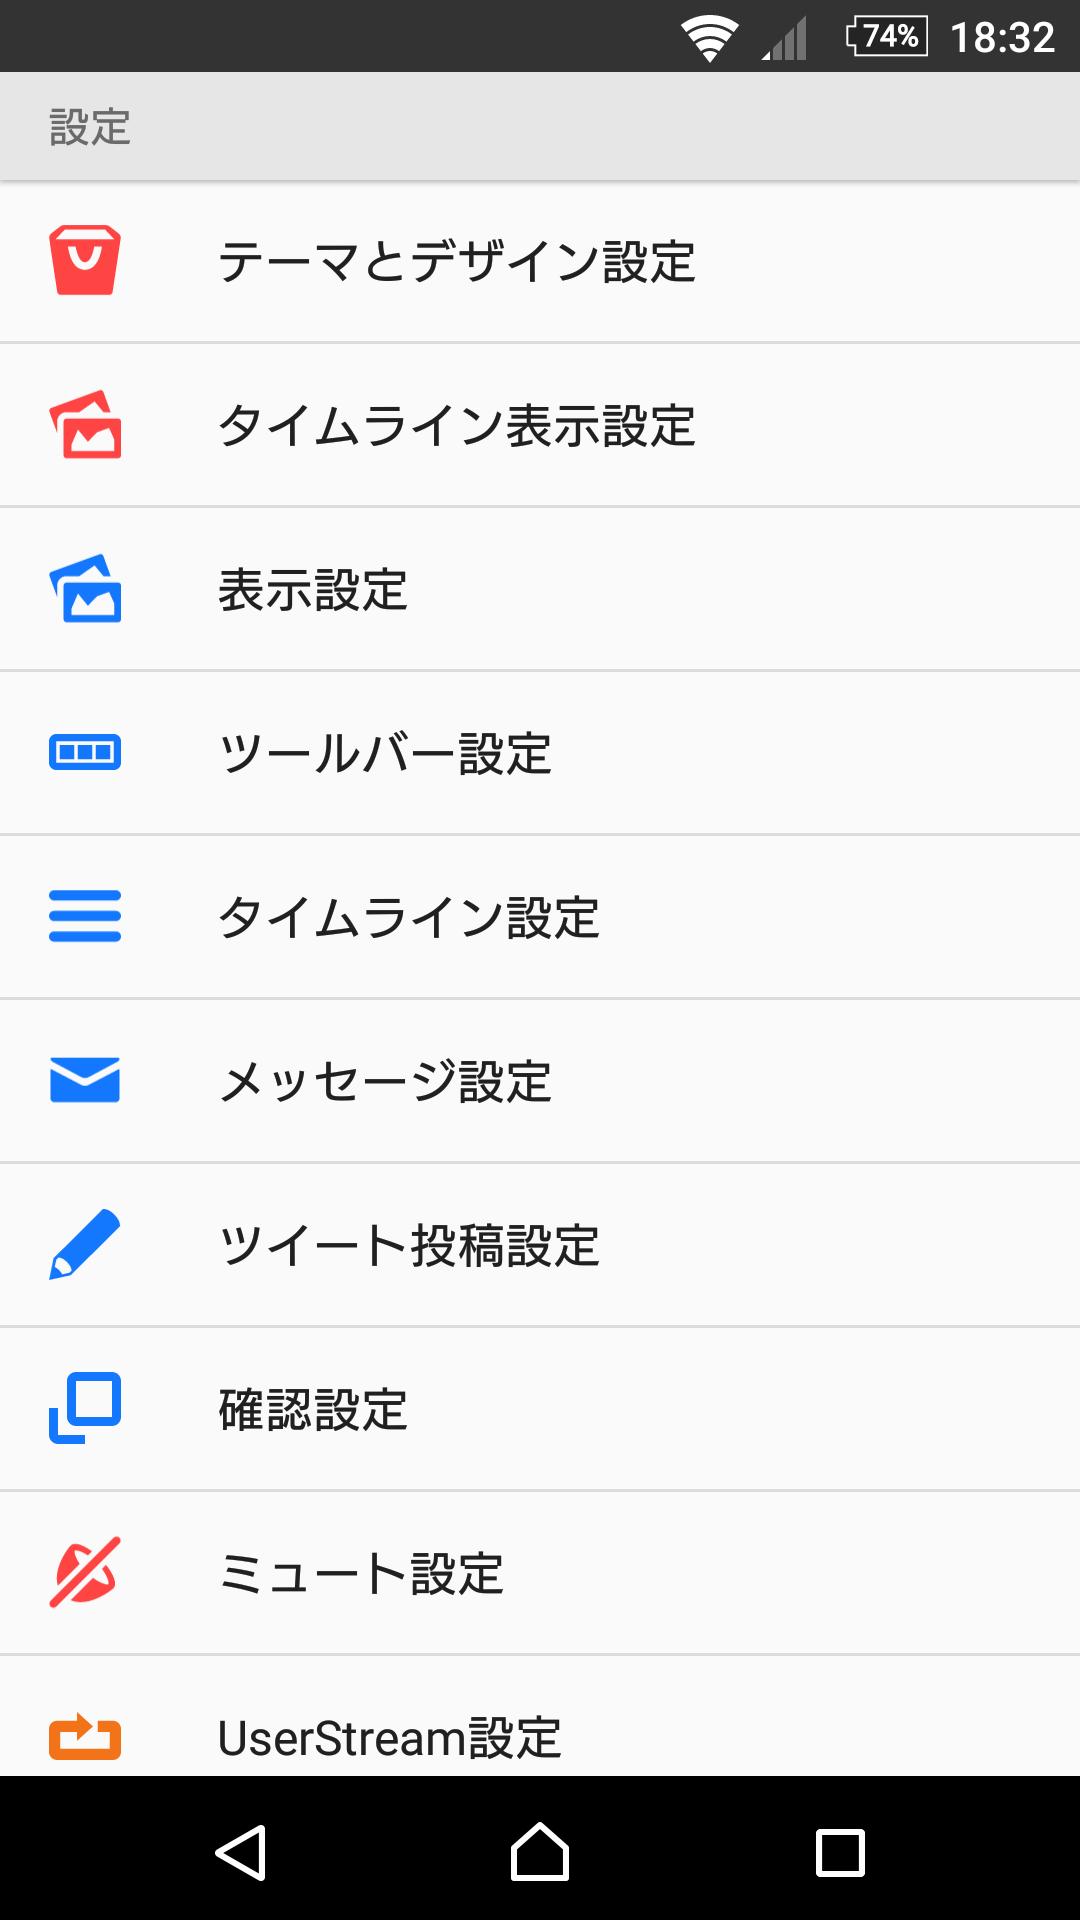 TwitPane(ついっとぺーん) 設定画面